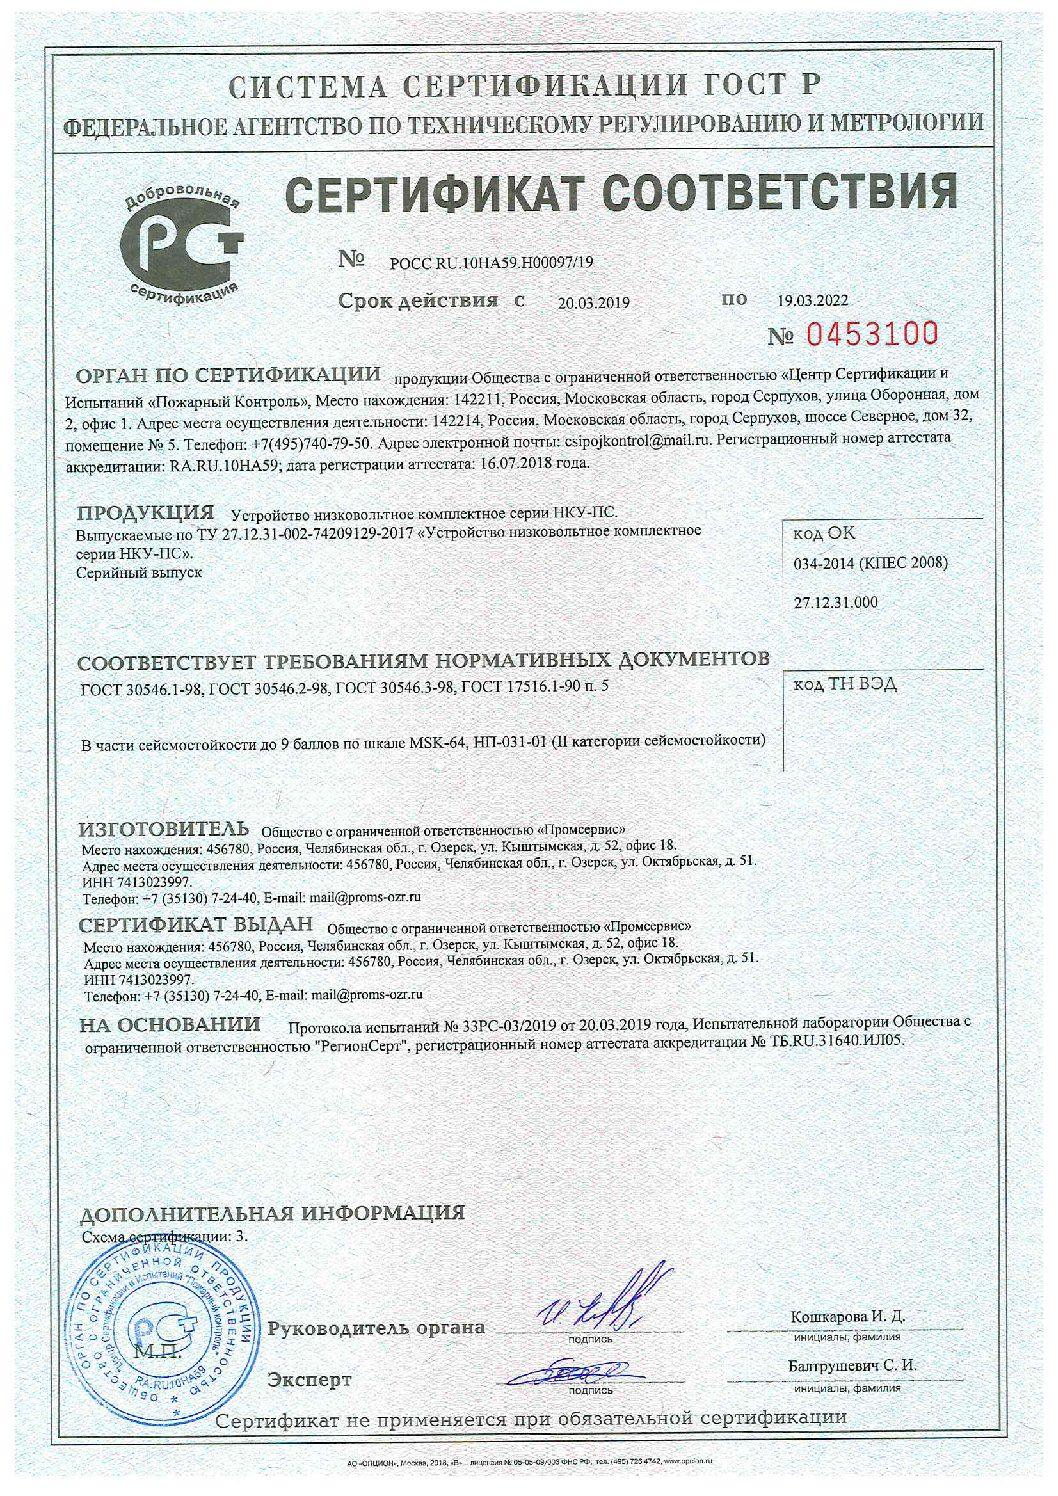 Сертификат на сейсмостойкость